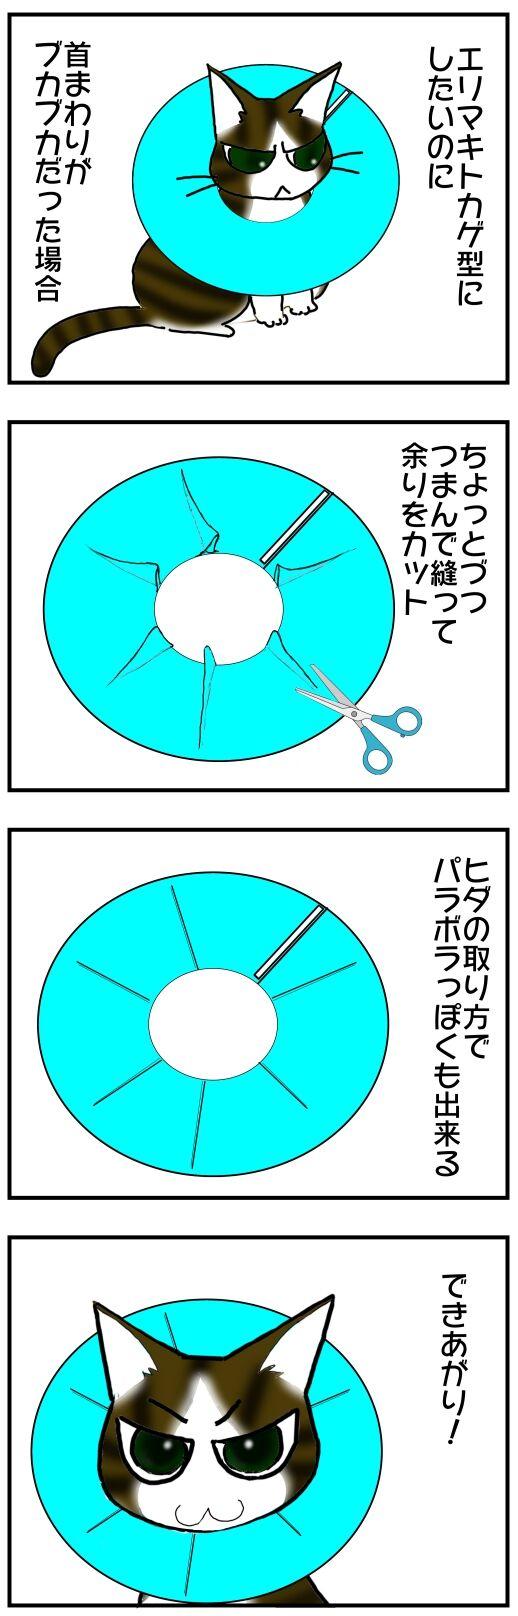 30y33-10c54o21x15v28b